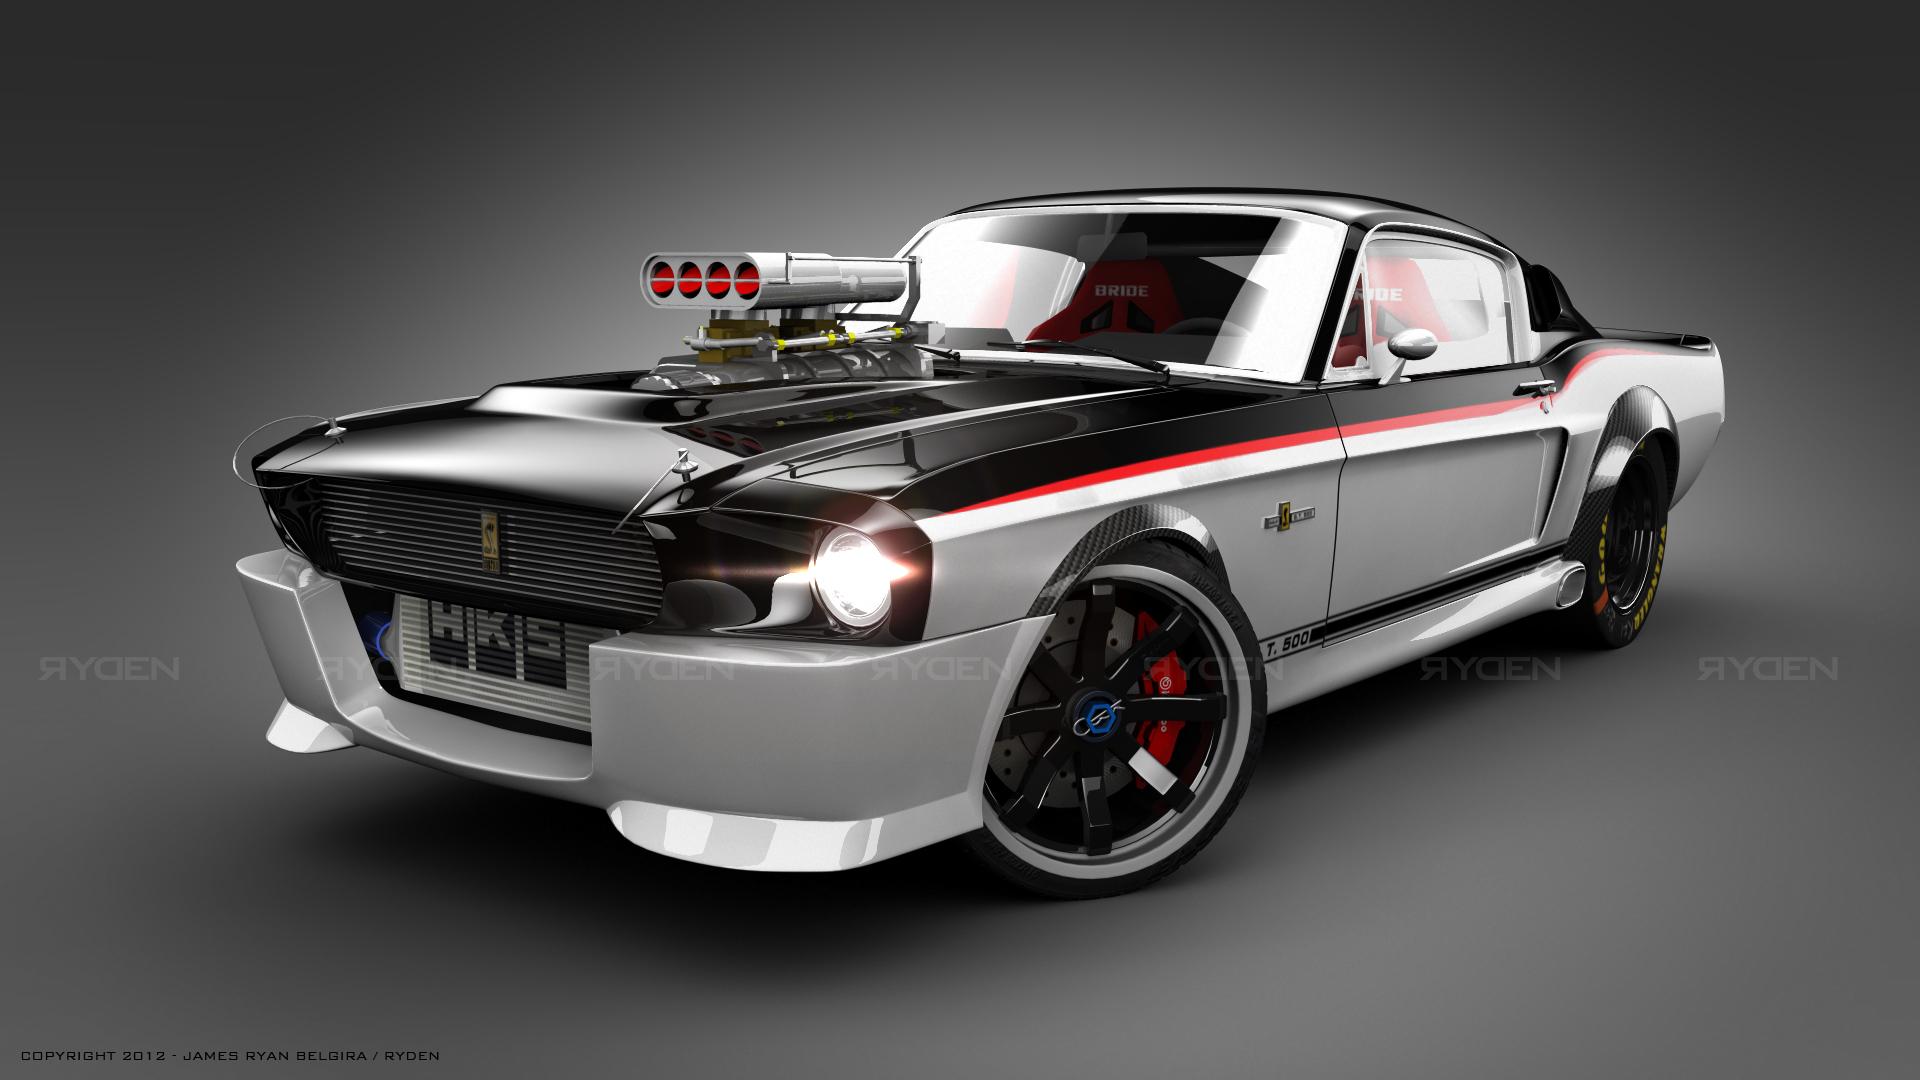 Mustang 1969 front by ryden-belgira